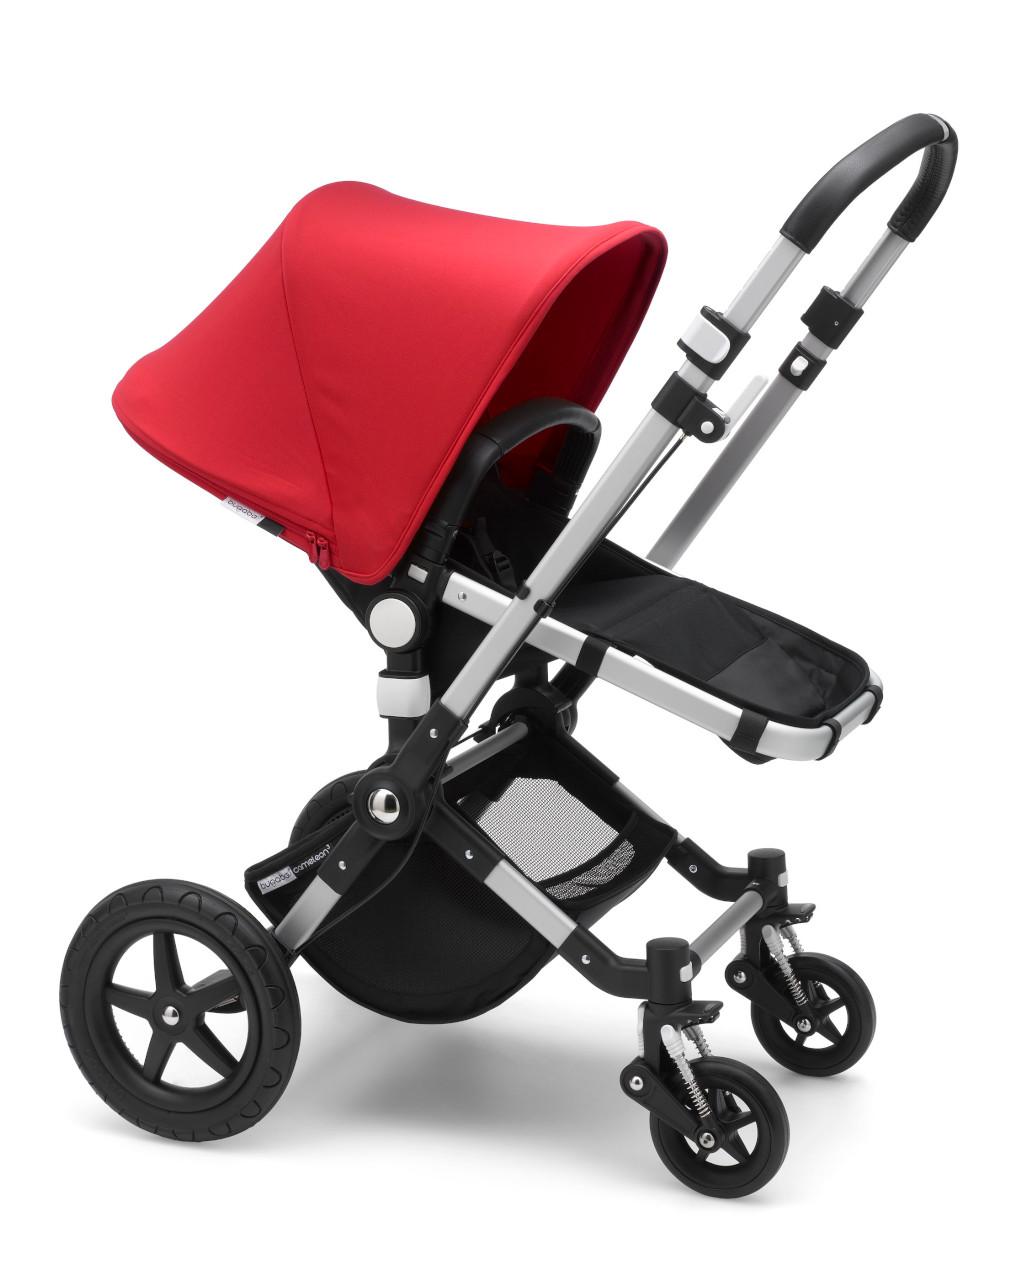 Bugaboo cameleon³ plus tessuto nero – telaio alluminio – cappottina rossa - Bugaboo